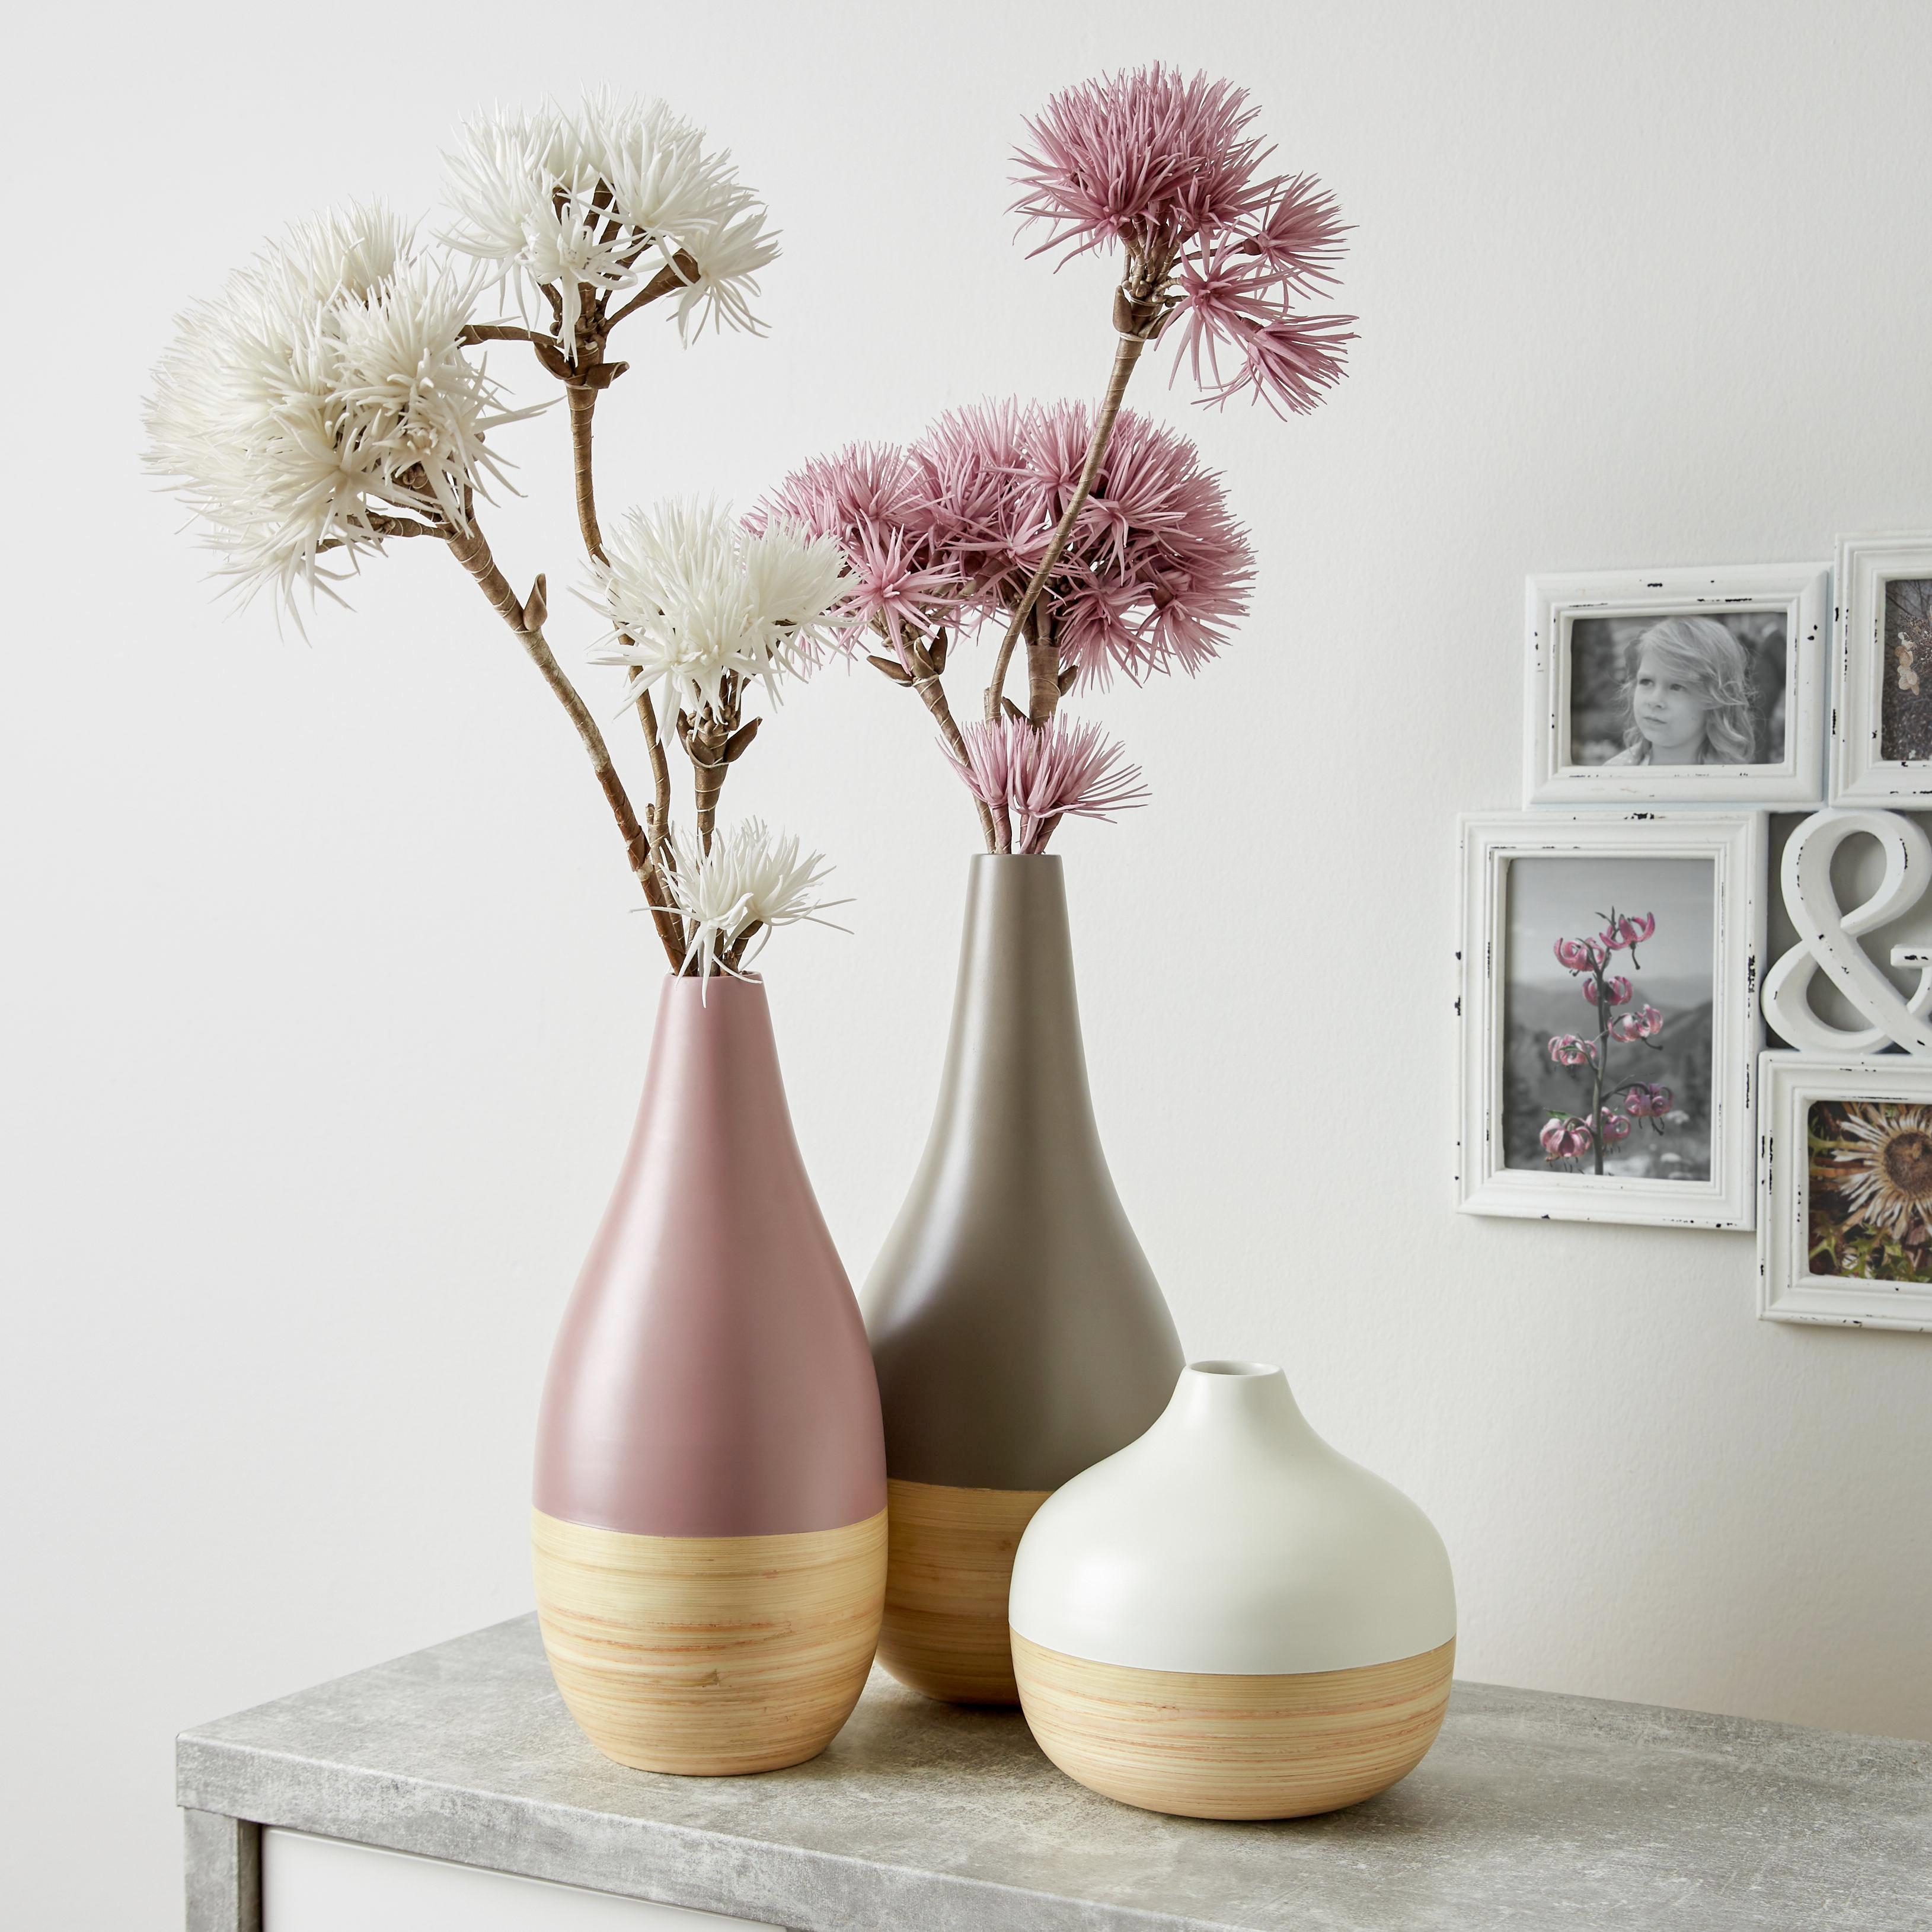 große vasen für wohnzimmer: gold - Grose Vasen Fur Wohnzimmer